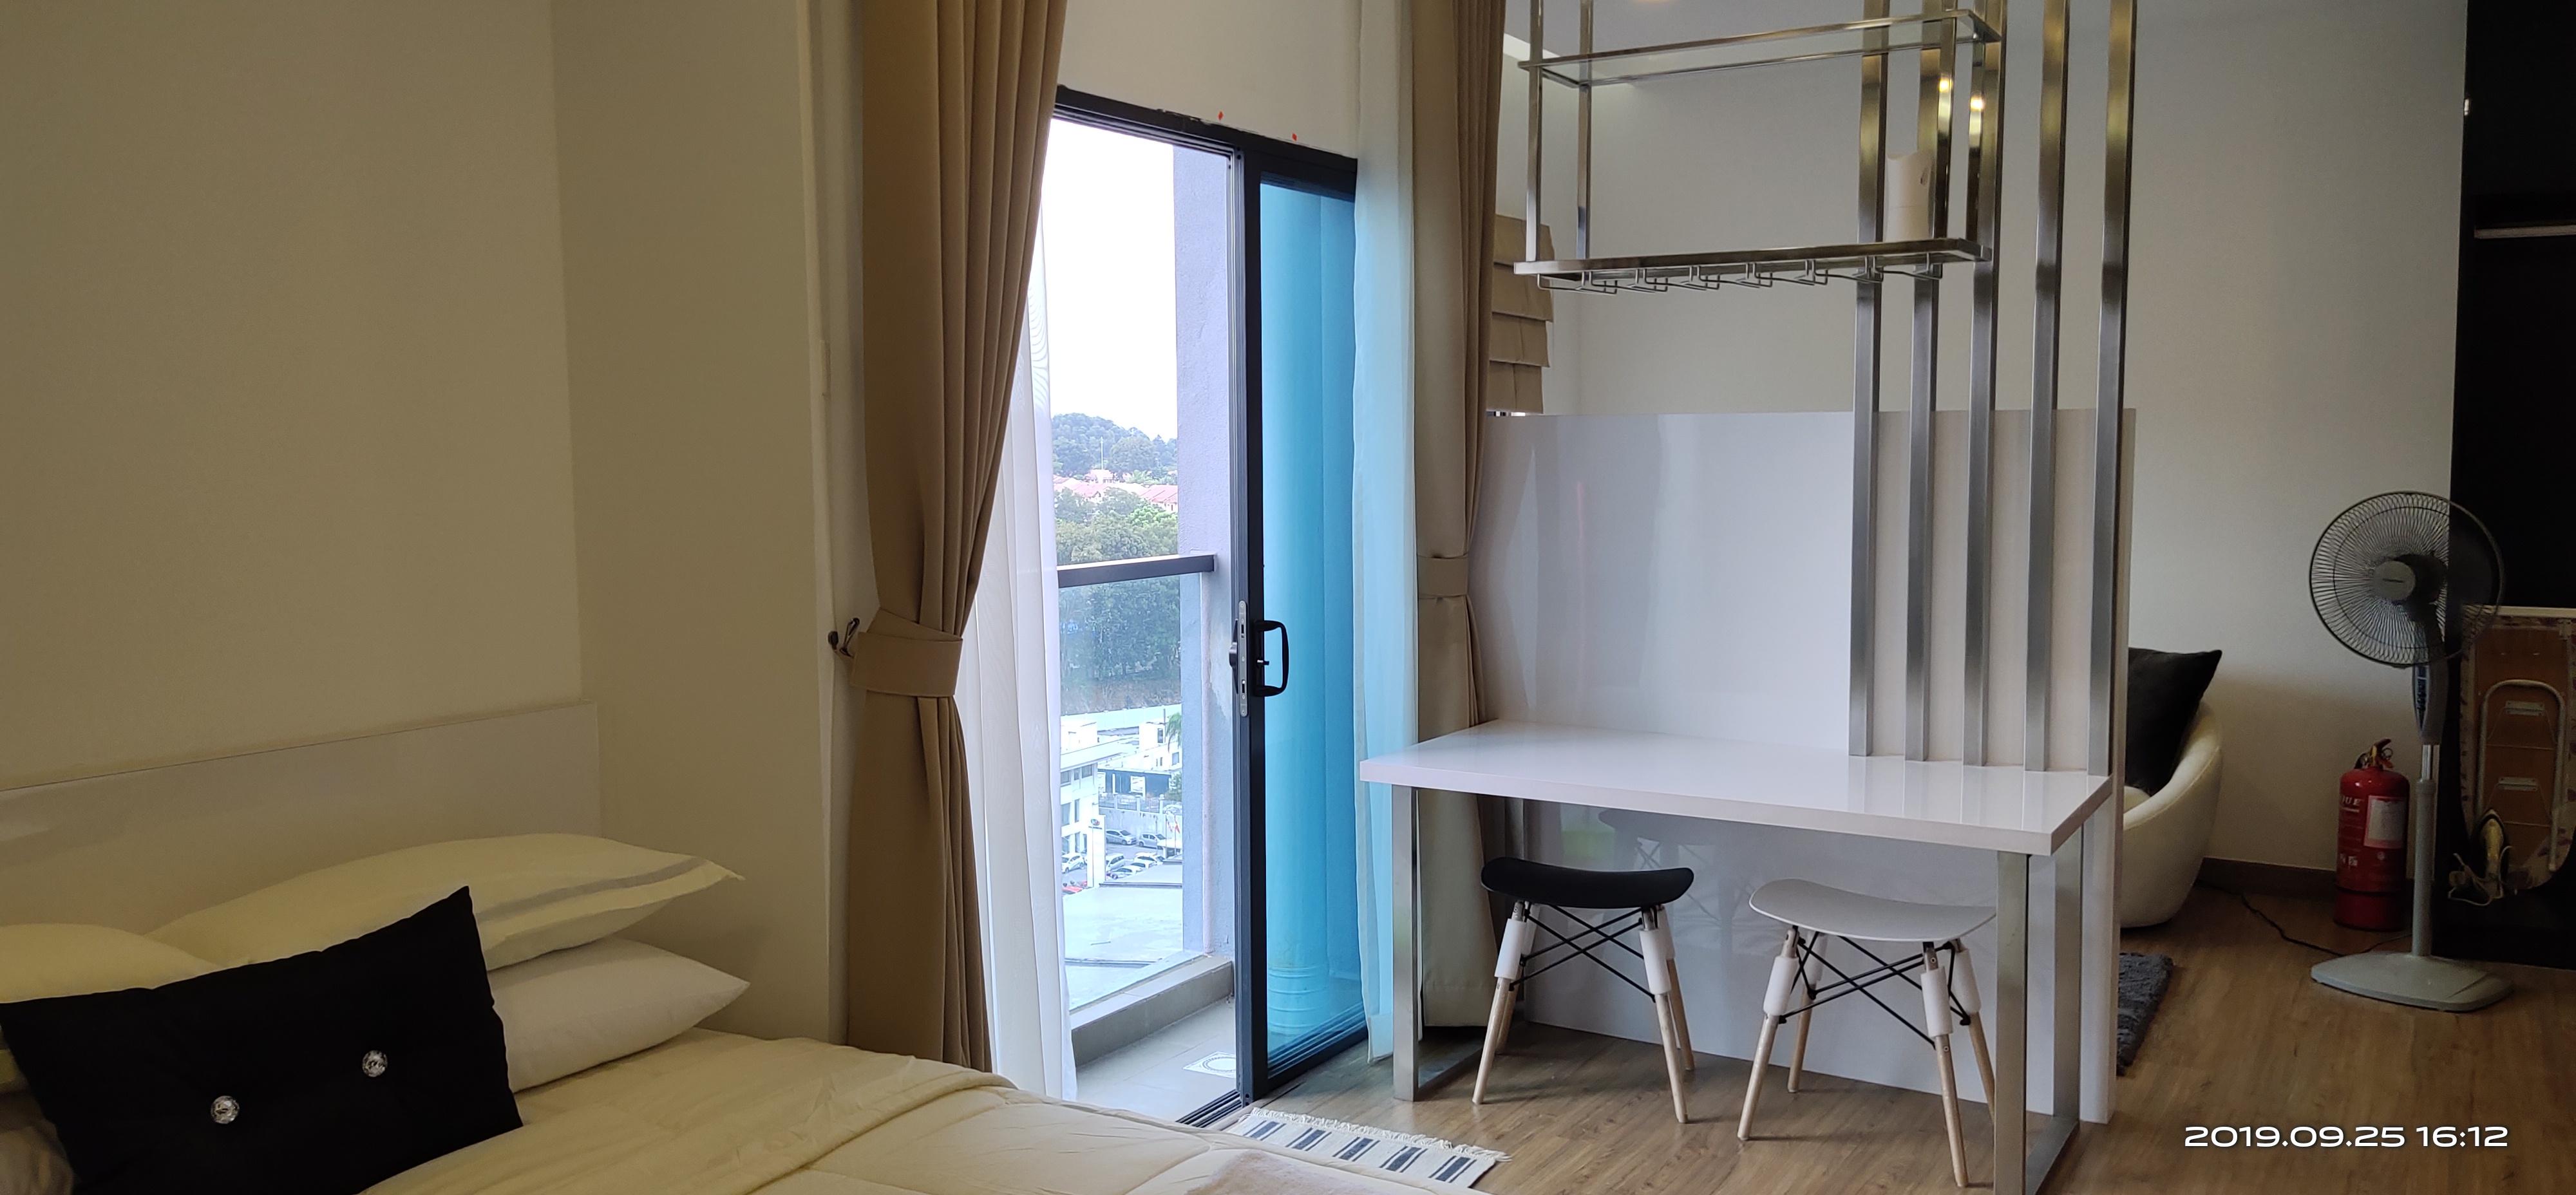 Ein Homestay, inspiriert von der Umgebung des Resorts